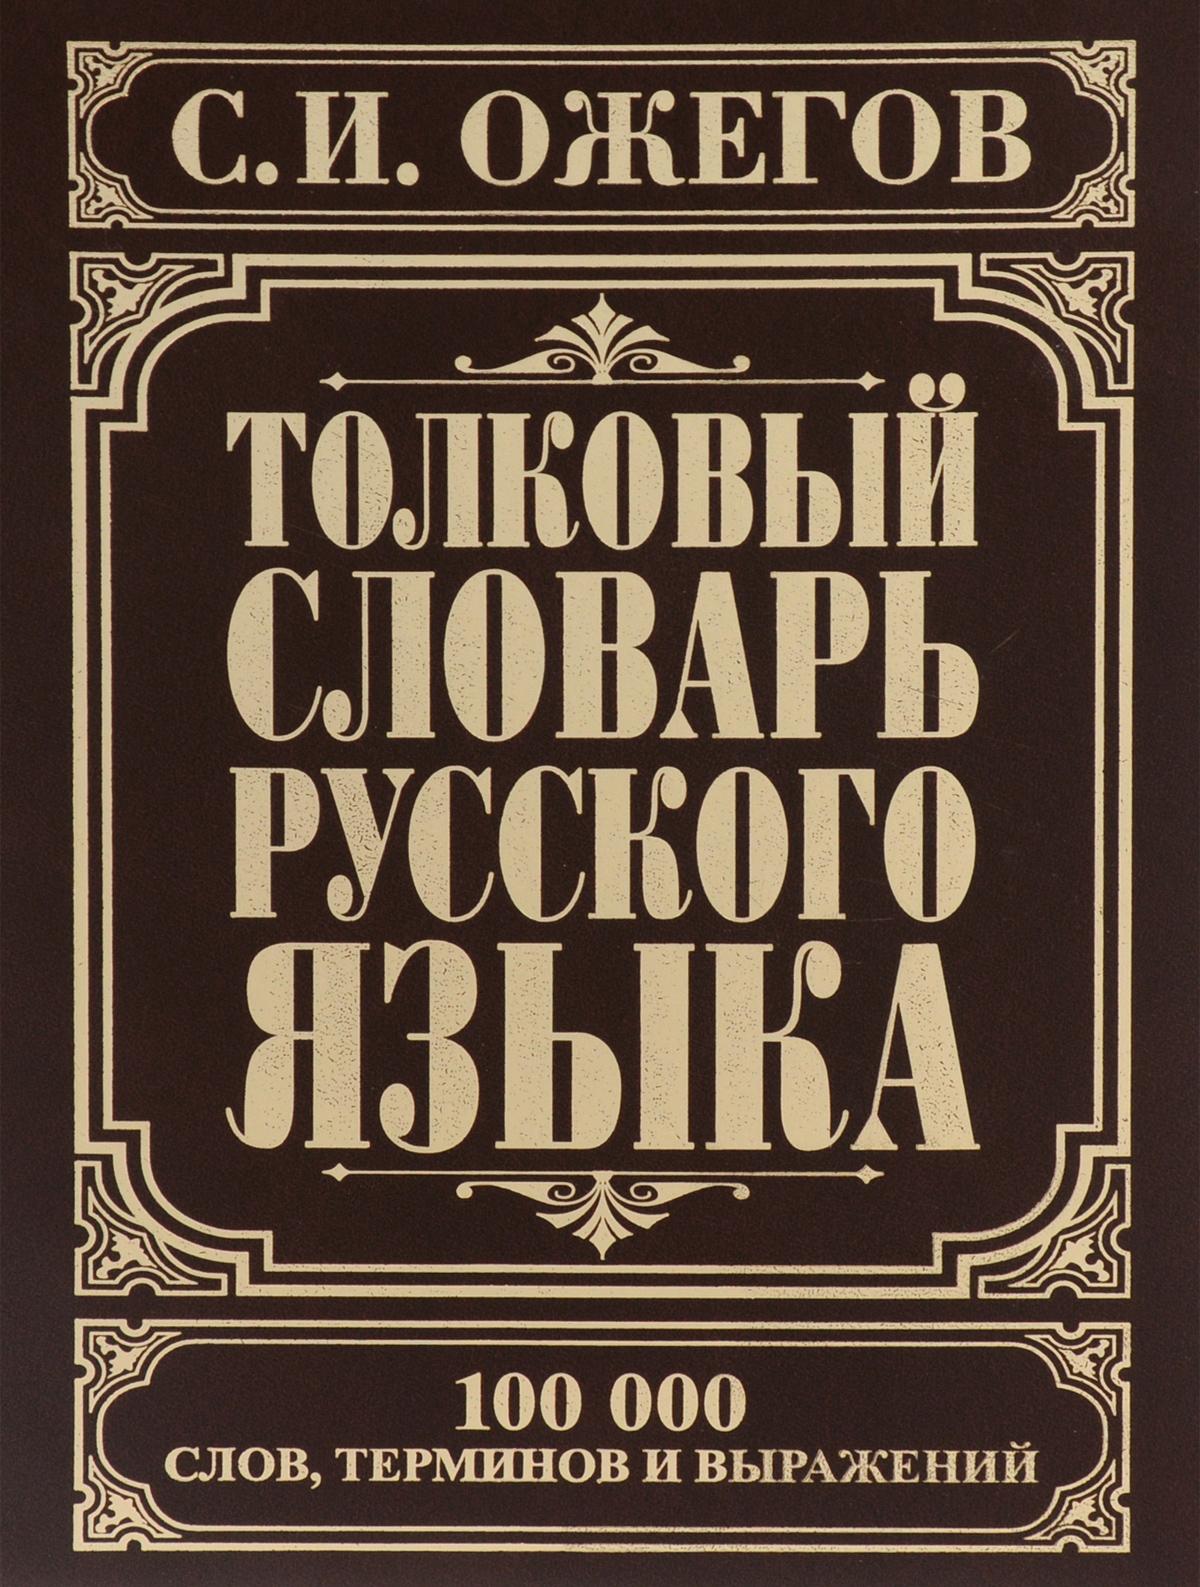 Толковый словарь русского языка. 100000 слов, терминов и выражений